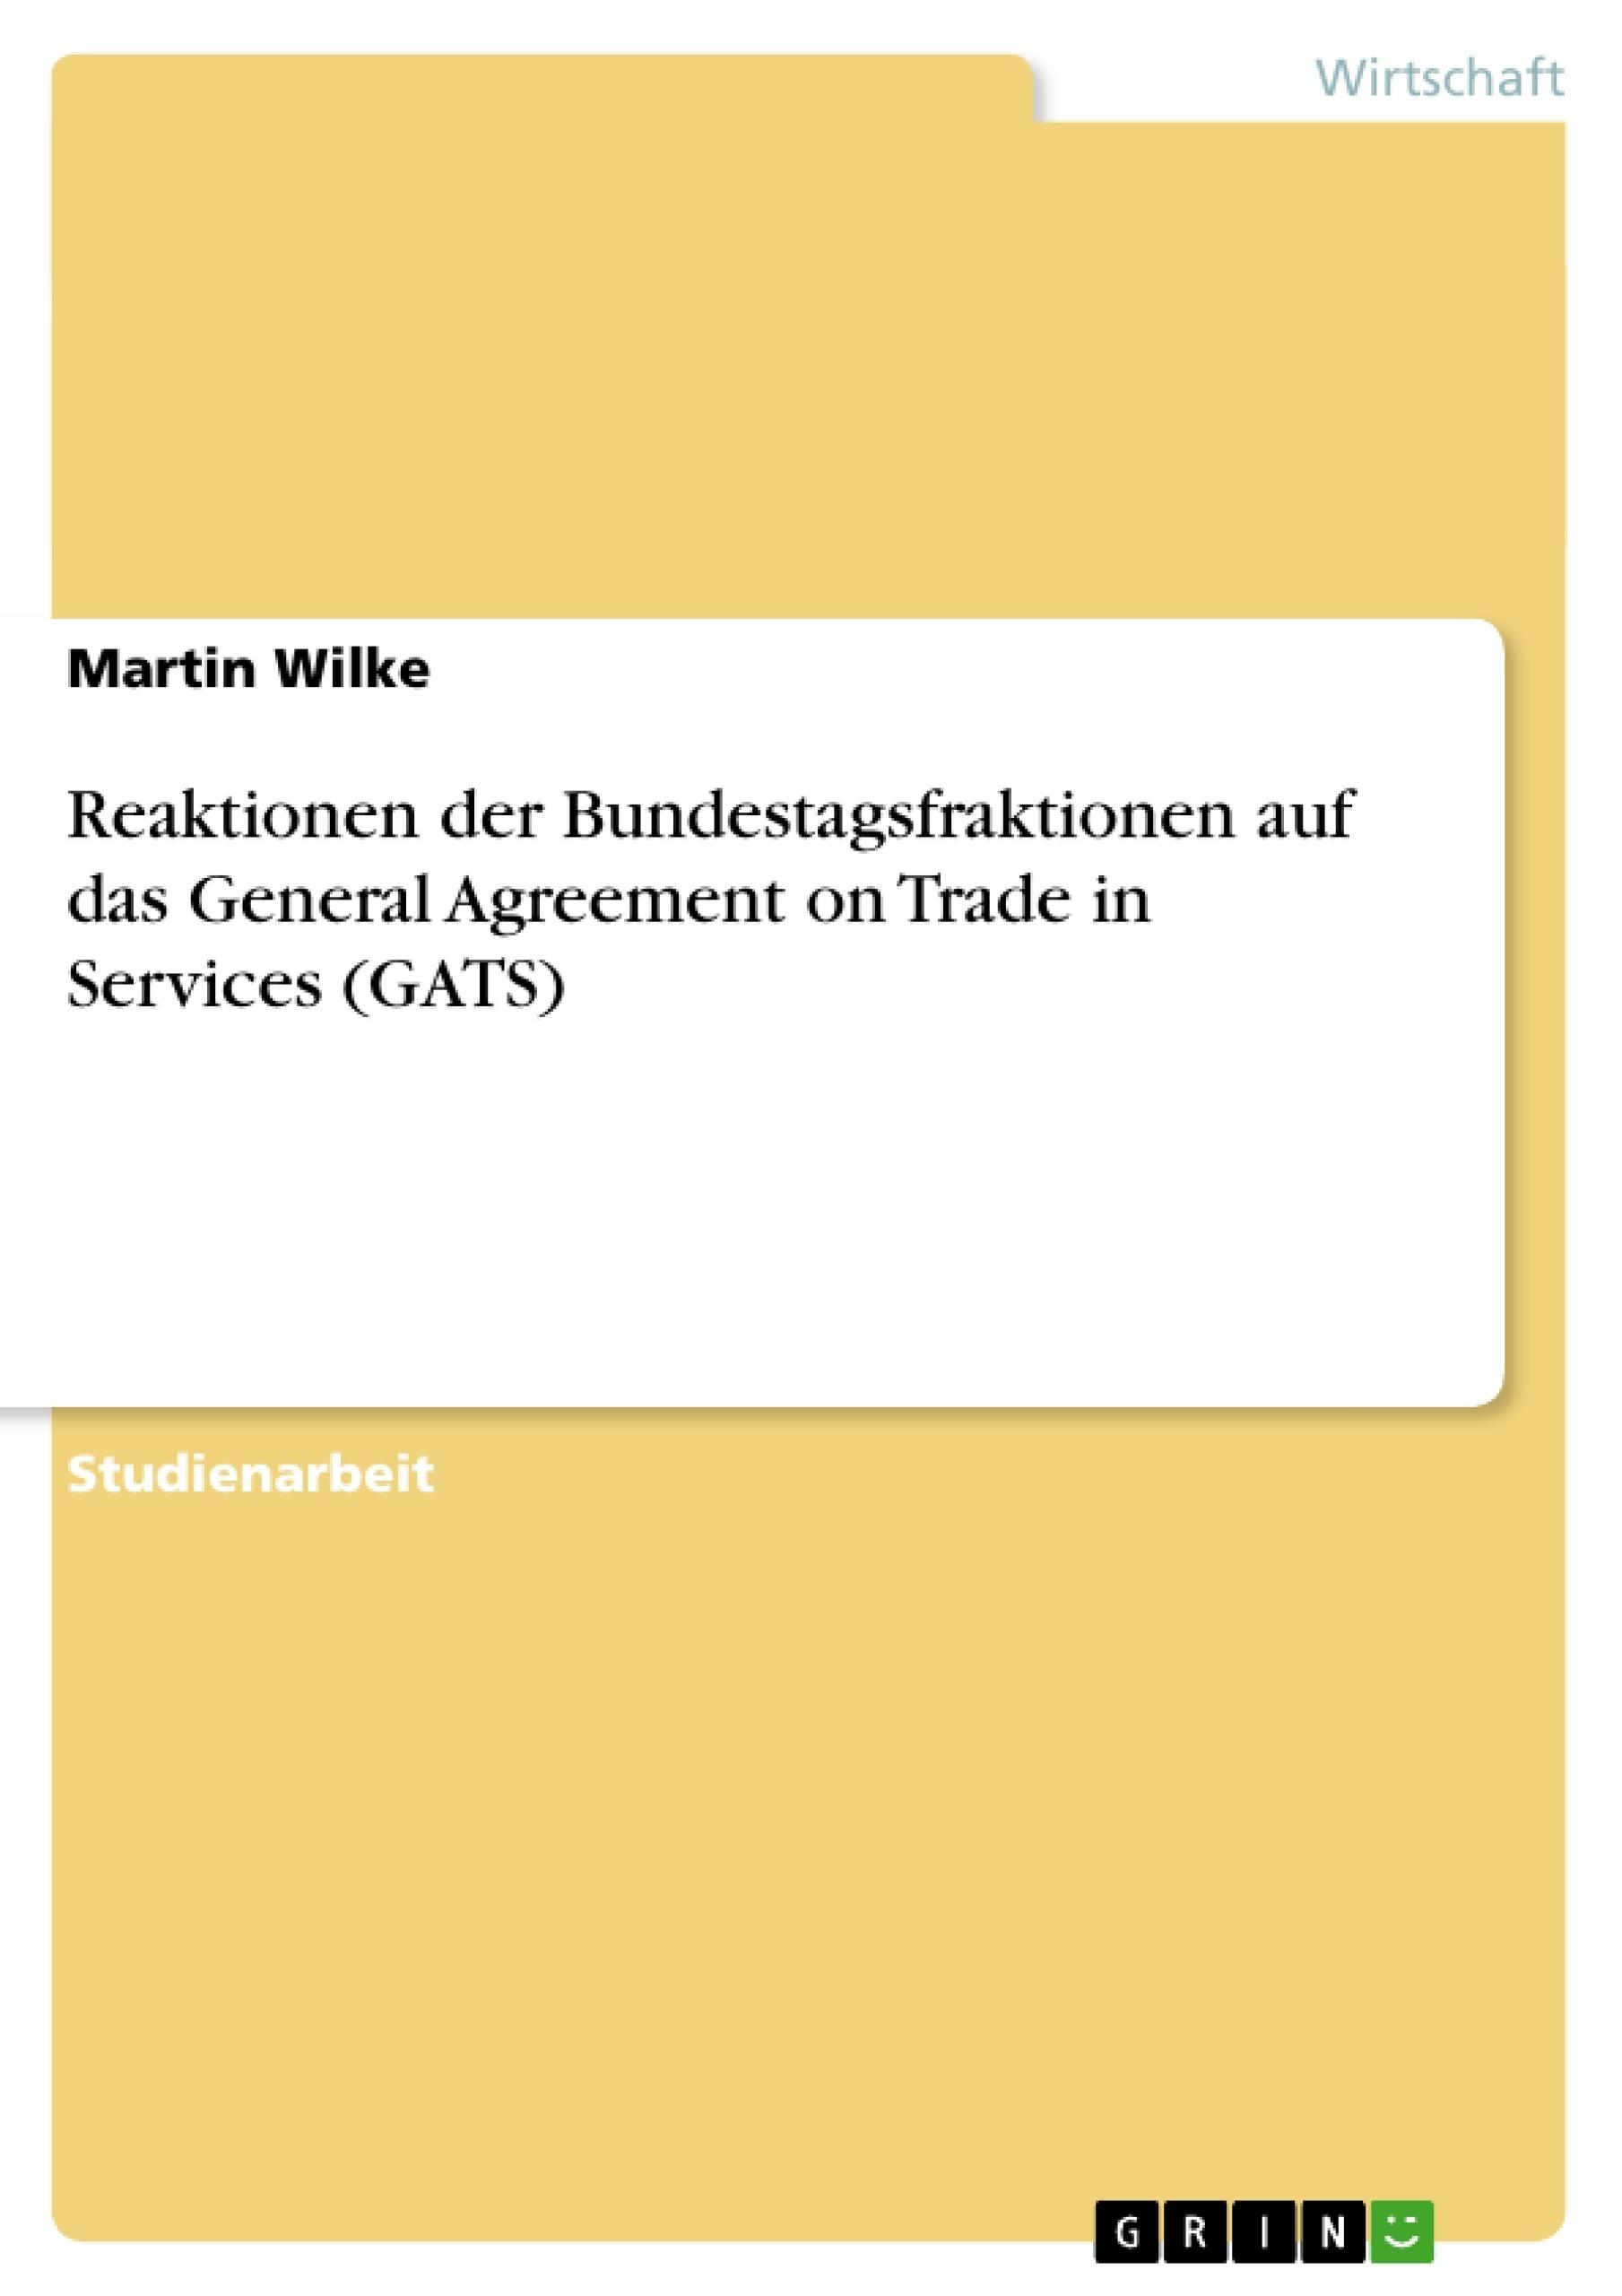 Titel: Reaktionen der Bundestagsfraktionen auf das General Agreement on Trade in Services (GATS)